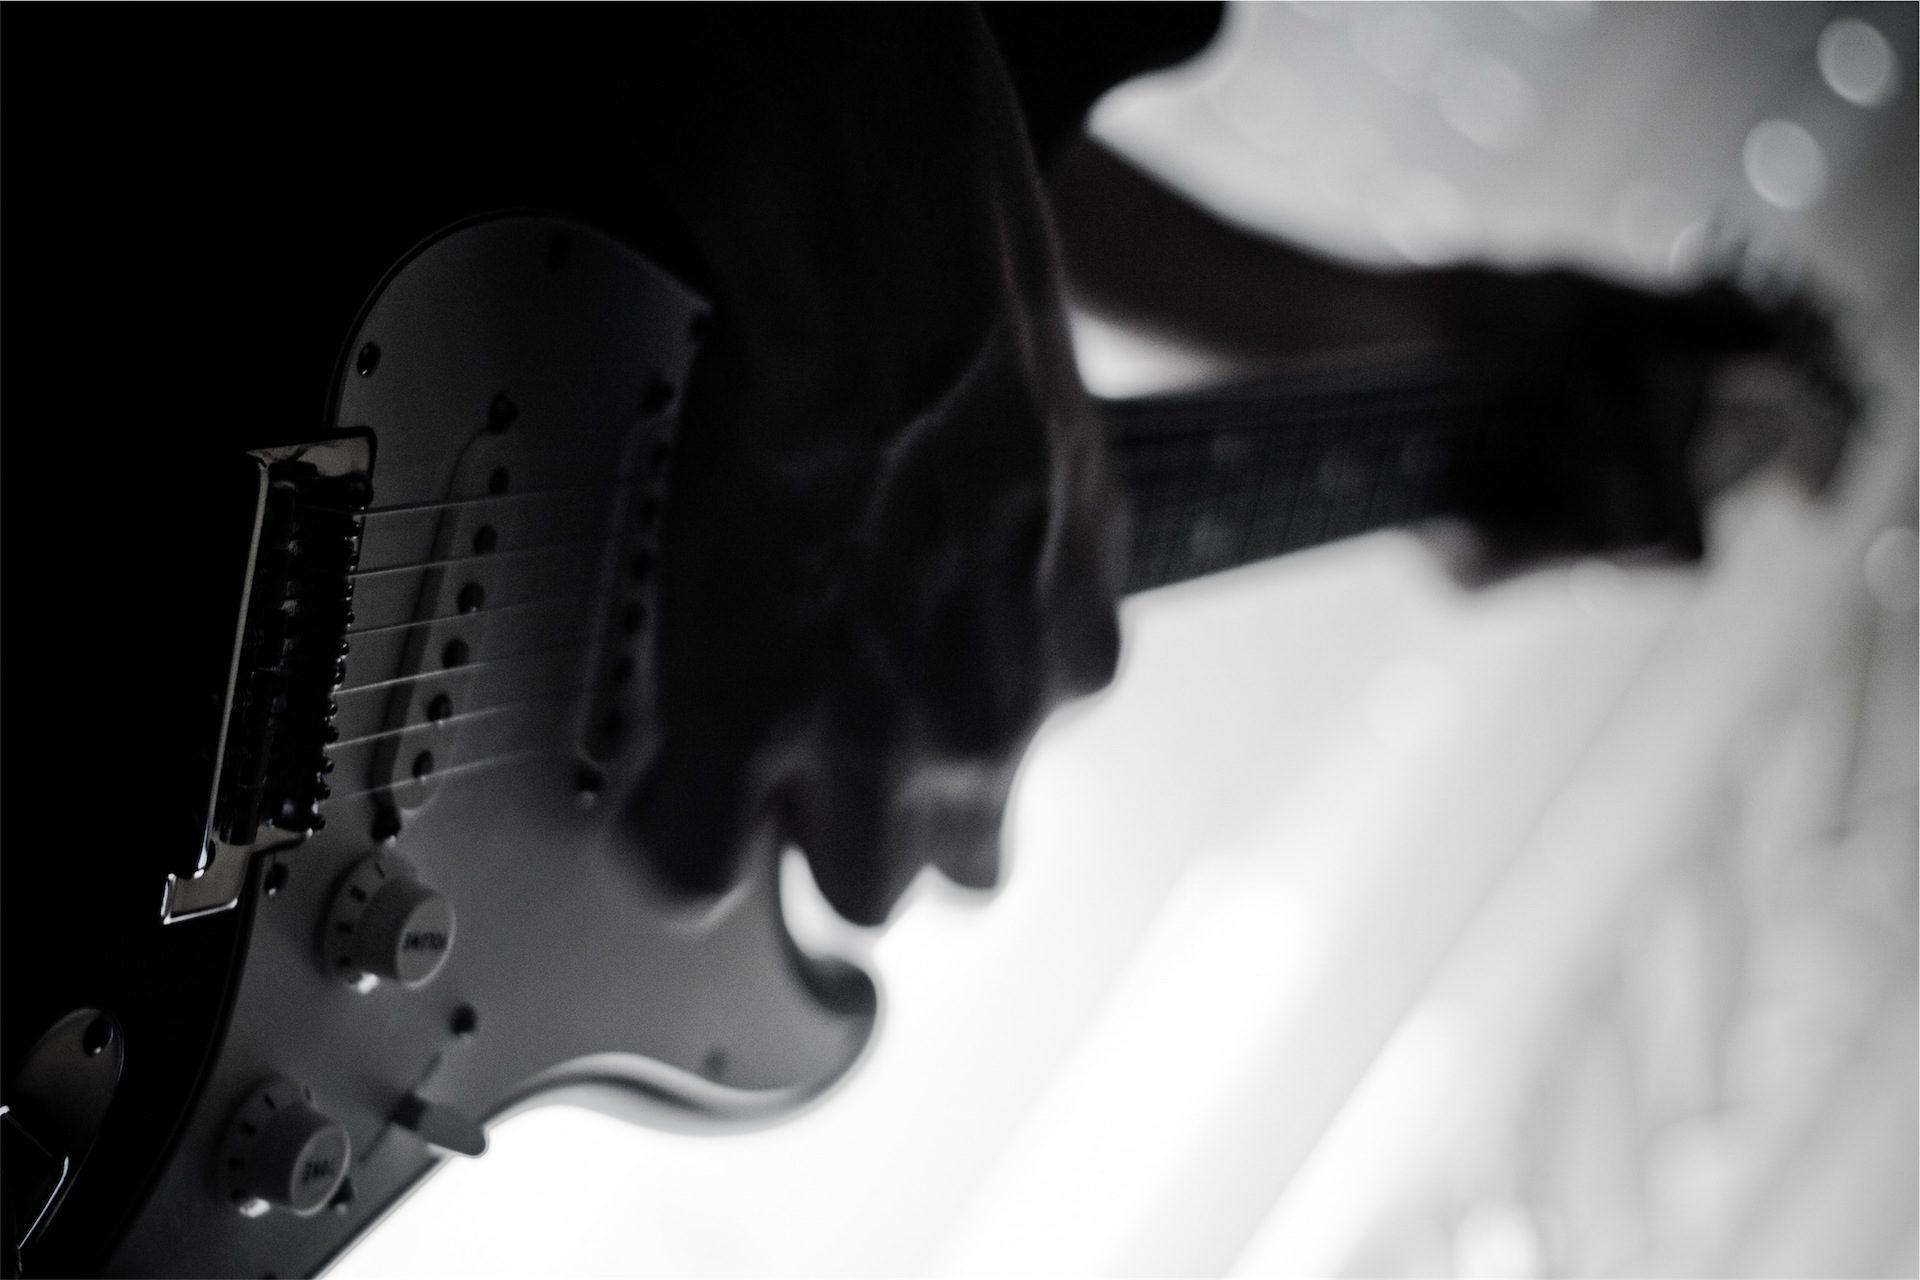 guitarra, eléctrica, músico, banda, en blanco y negro - Fondos de Pantalla HD - professor-falken.com